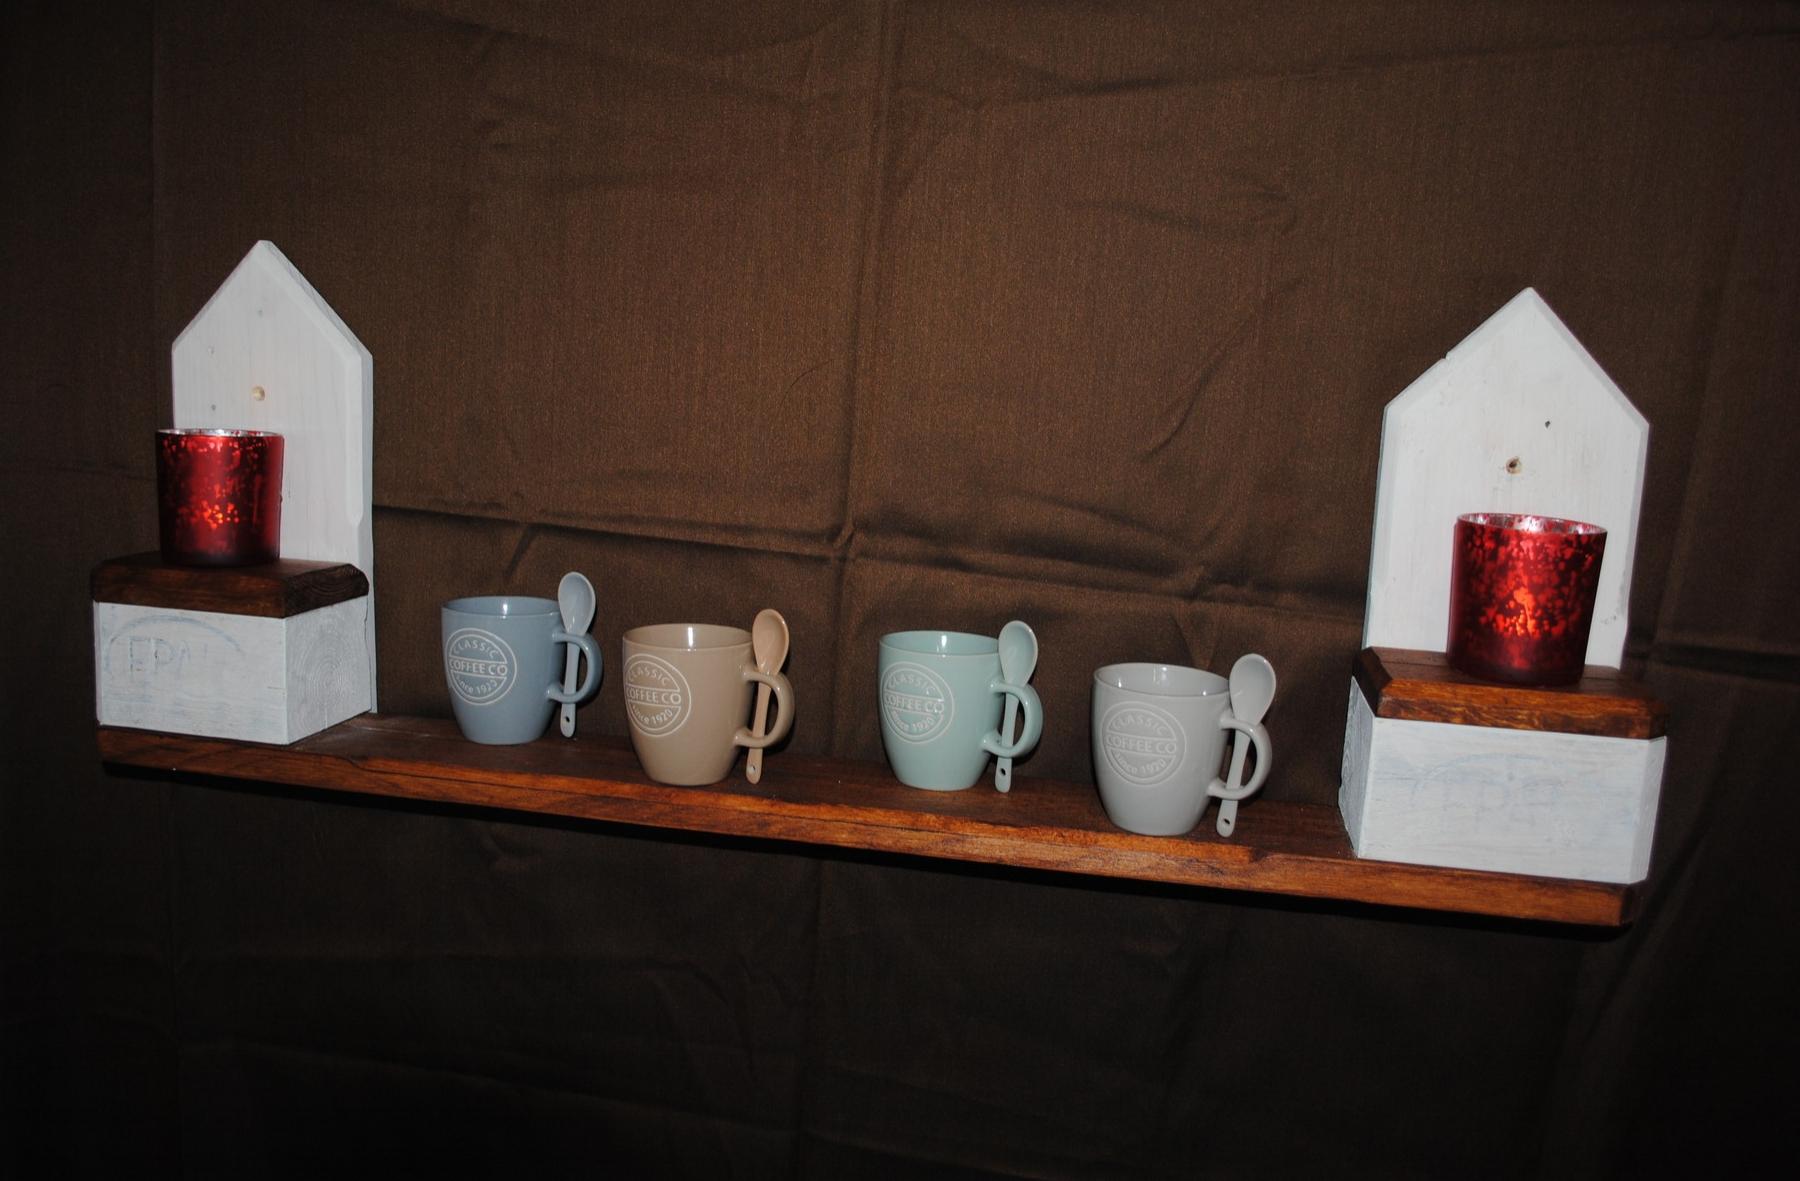 schmuckes f r die wand schwattenplattens webseite sch nes aus paletten. Black Bedroom Furniture Sets. Home Design Ideas